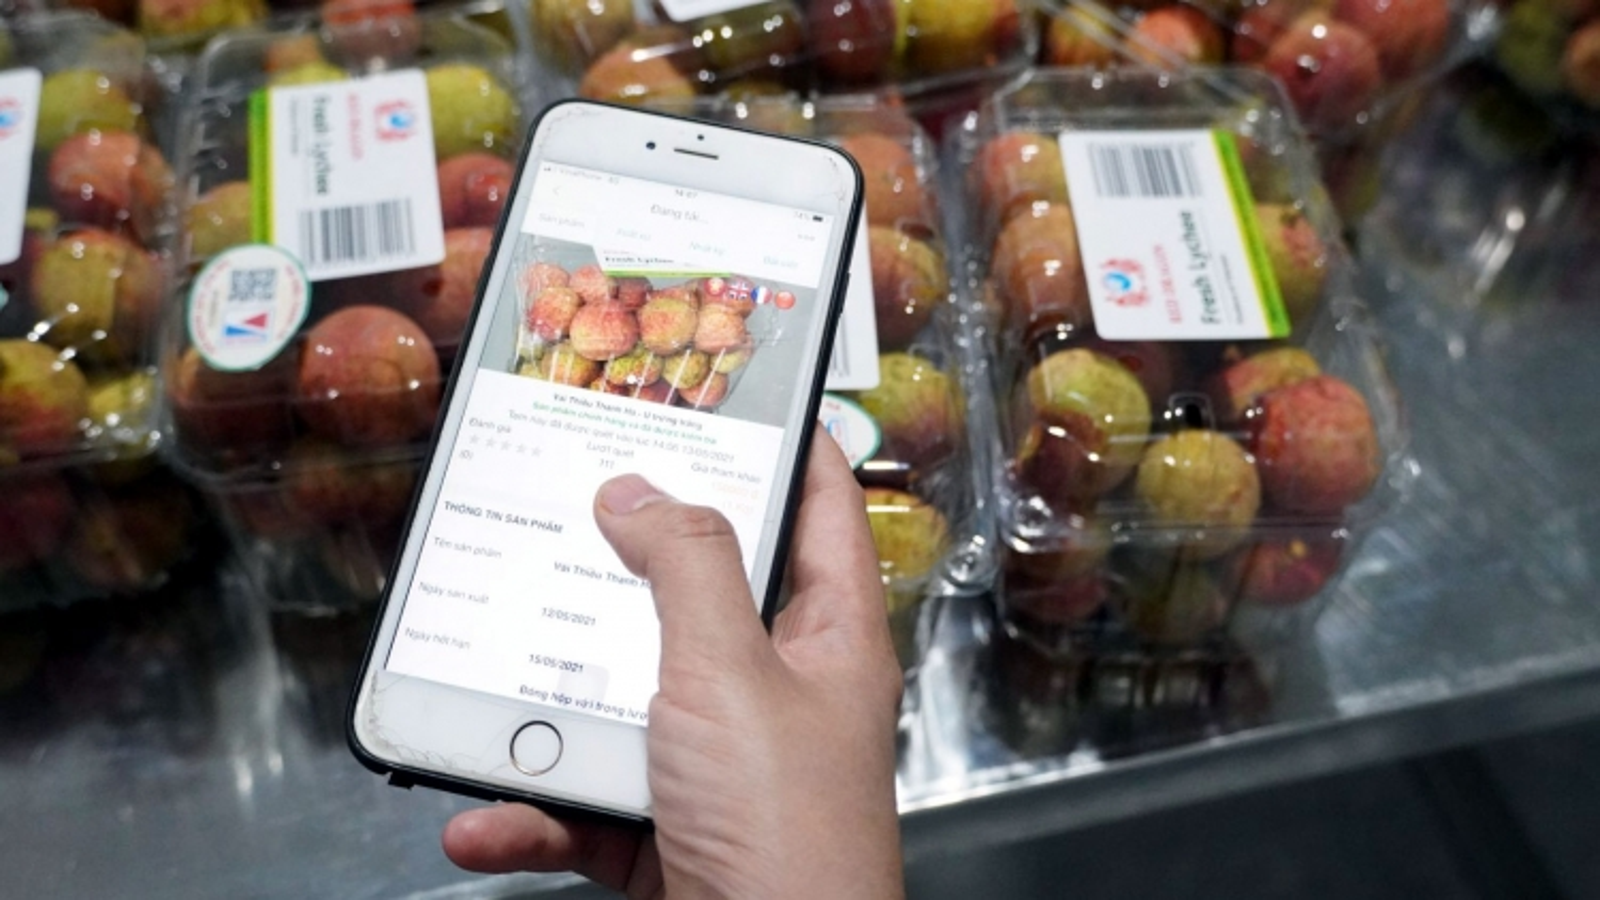 Quả vải Thanh Hà lên sàn thương mại điện tử: Quyết sách đúng đắn